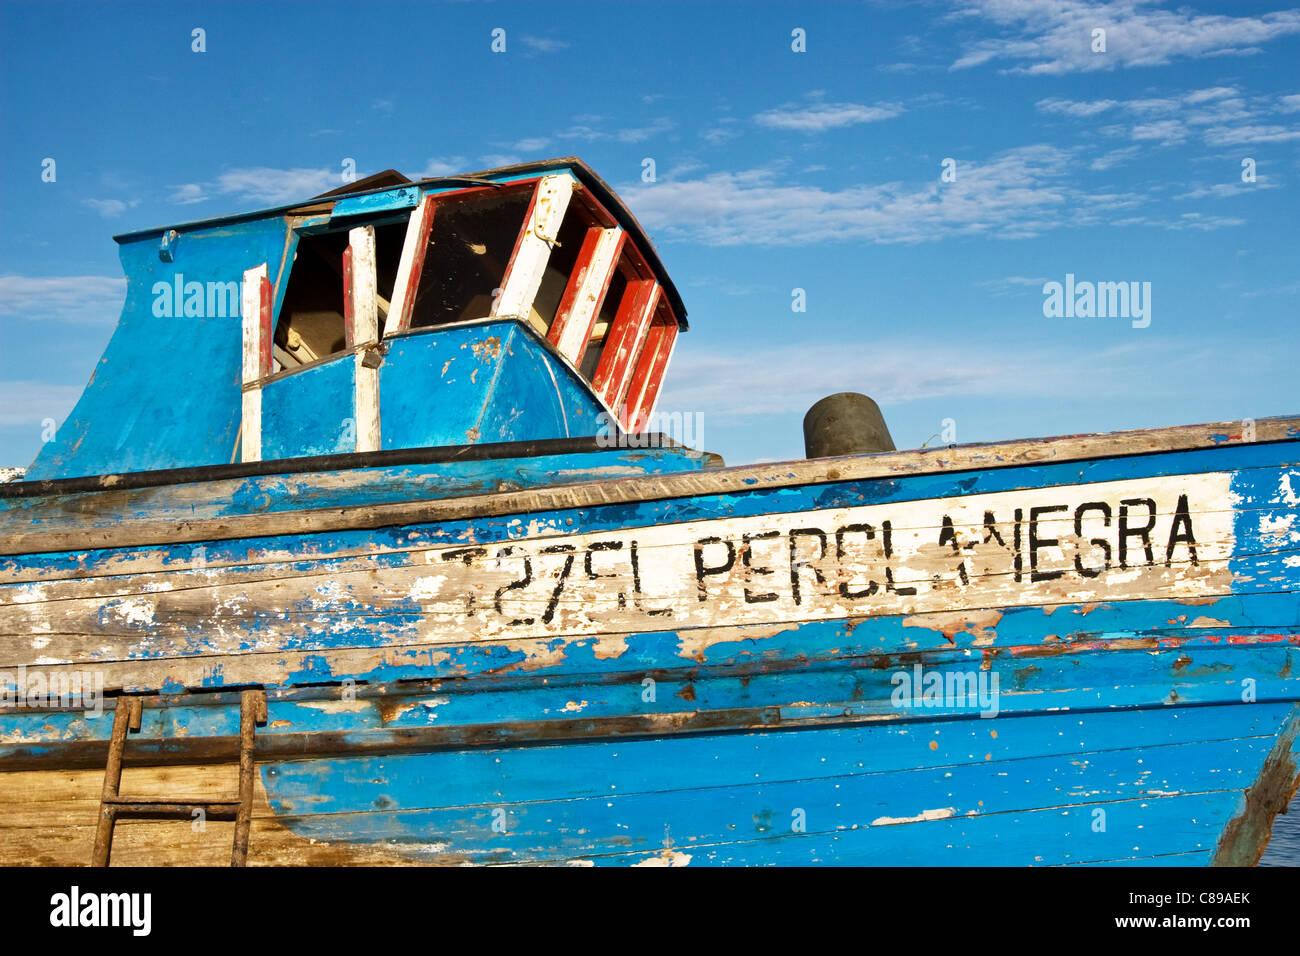 Derelict fishing boat Santa Luzia, Tavira, Algarve, Portugal - Stock Image